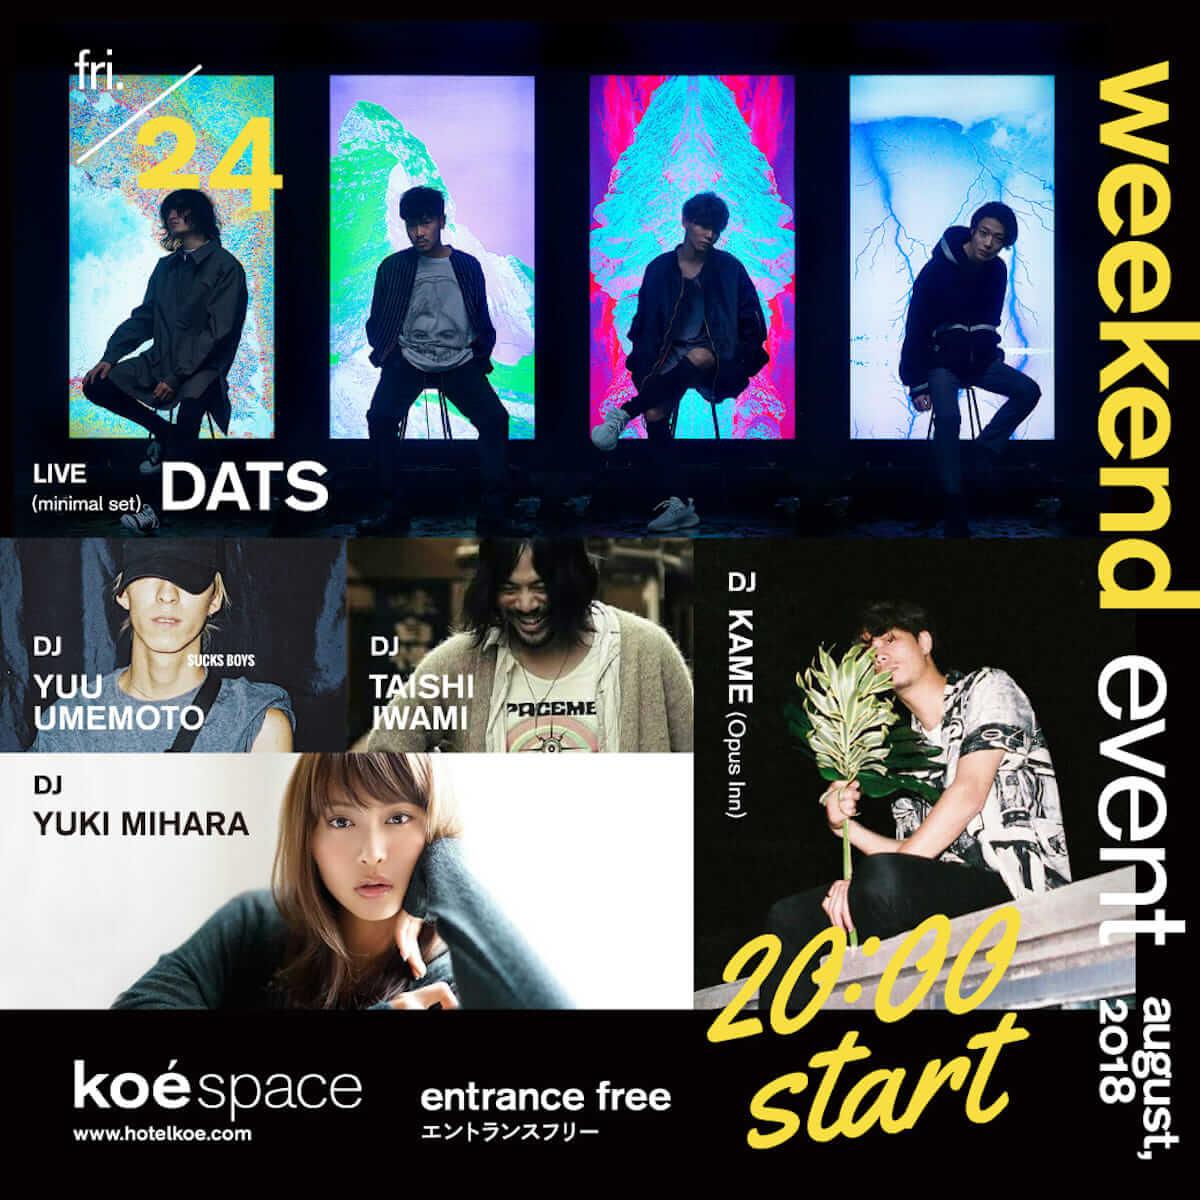 DATS、ライブやステンシルのワークショップなどを含むイベントをhotel koe tokyoで開催! music180804_hotelkoe-dats_2-1200x1200